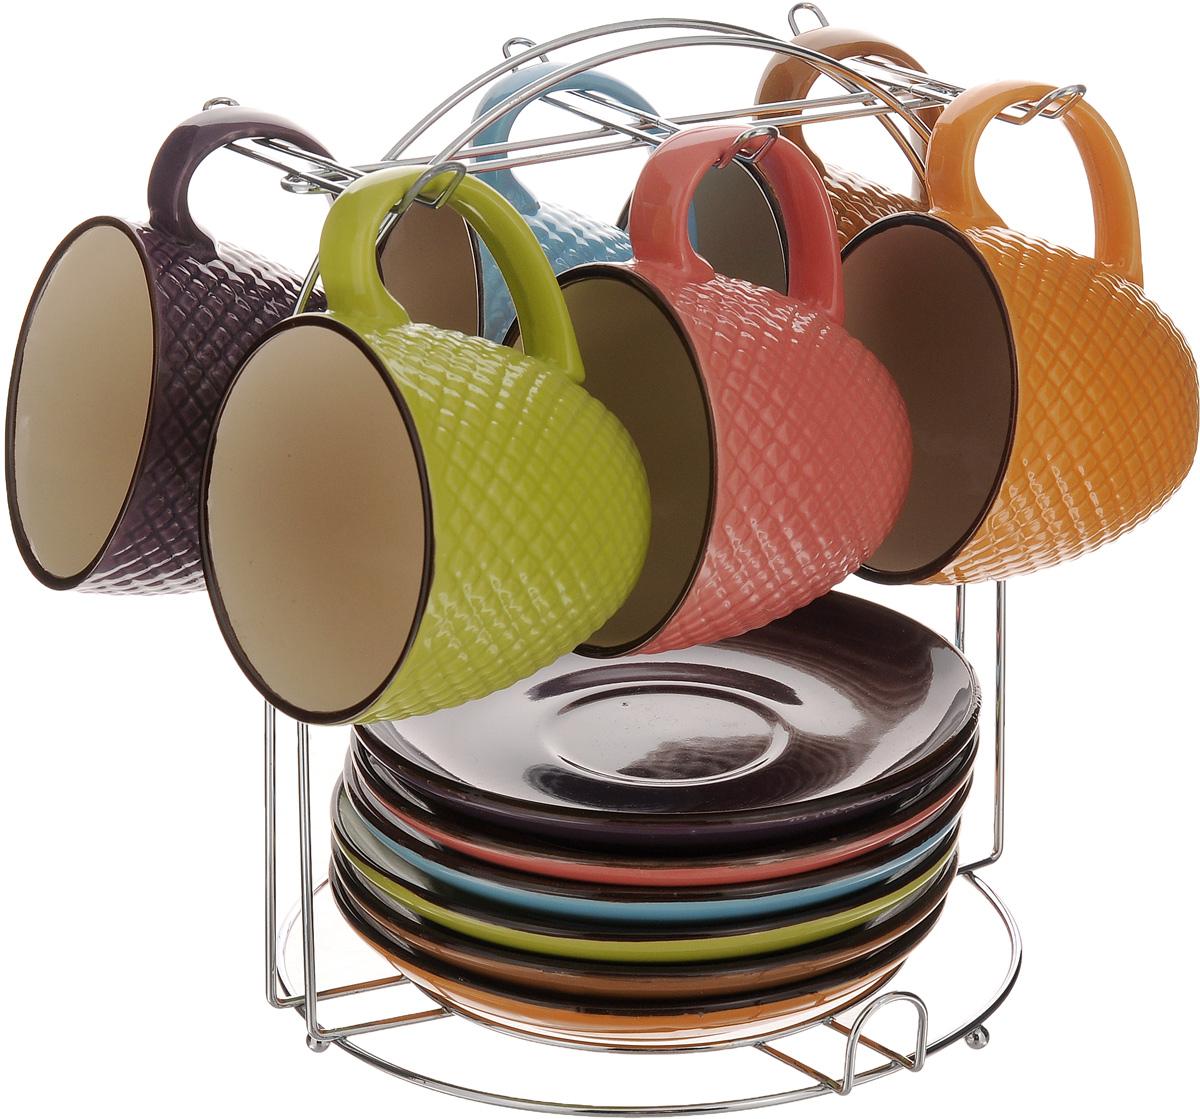 Сервиз чайный Loraine, 13 предметов. 2465024650Чайный сервиз Loraine состоит из 6 разноцветных чашек, 6 разноцветных блюдец и подставки. Изделия выполнены из высококачественной керамики с глазурованным покрытием. Кружки декорированы красивым рельефом. Теплостойкие ручки не позволяют обжечь руки во время чаепития. Для хранения изделий предусмотрена металлическая подставка. Яркий лаконичный дизайн и качество исполнения сделают такой набор замечательным приобретением для вашей кухни. Он стильно дополнит сервировку стола к чаепитию, подарит хорошее настроение и настроит на позитивный лад. Можно использовать в микроволновой печи и мыть в посудомоечной машине. Объем чашки: 220 мл. Диаметр чашки (по верхнему краю): 8 см. Высота чашки: 7 см. Диаметр блюдца: 14,5 см. Размер подставки: 19 х 19 х 22 см.